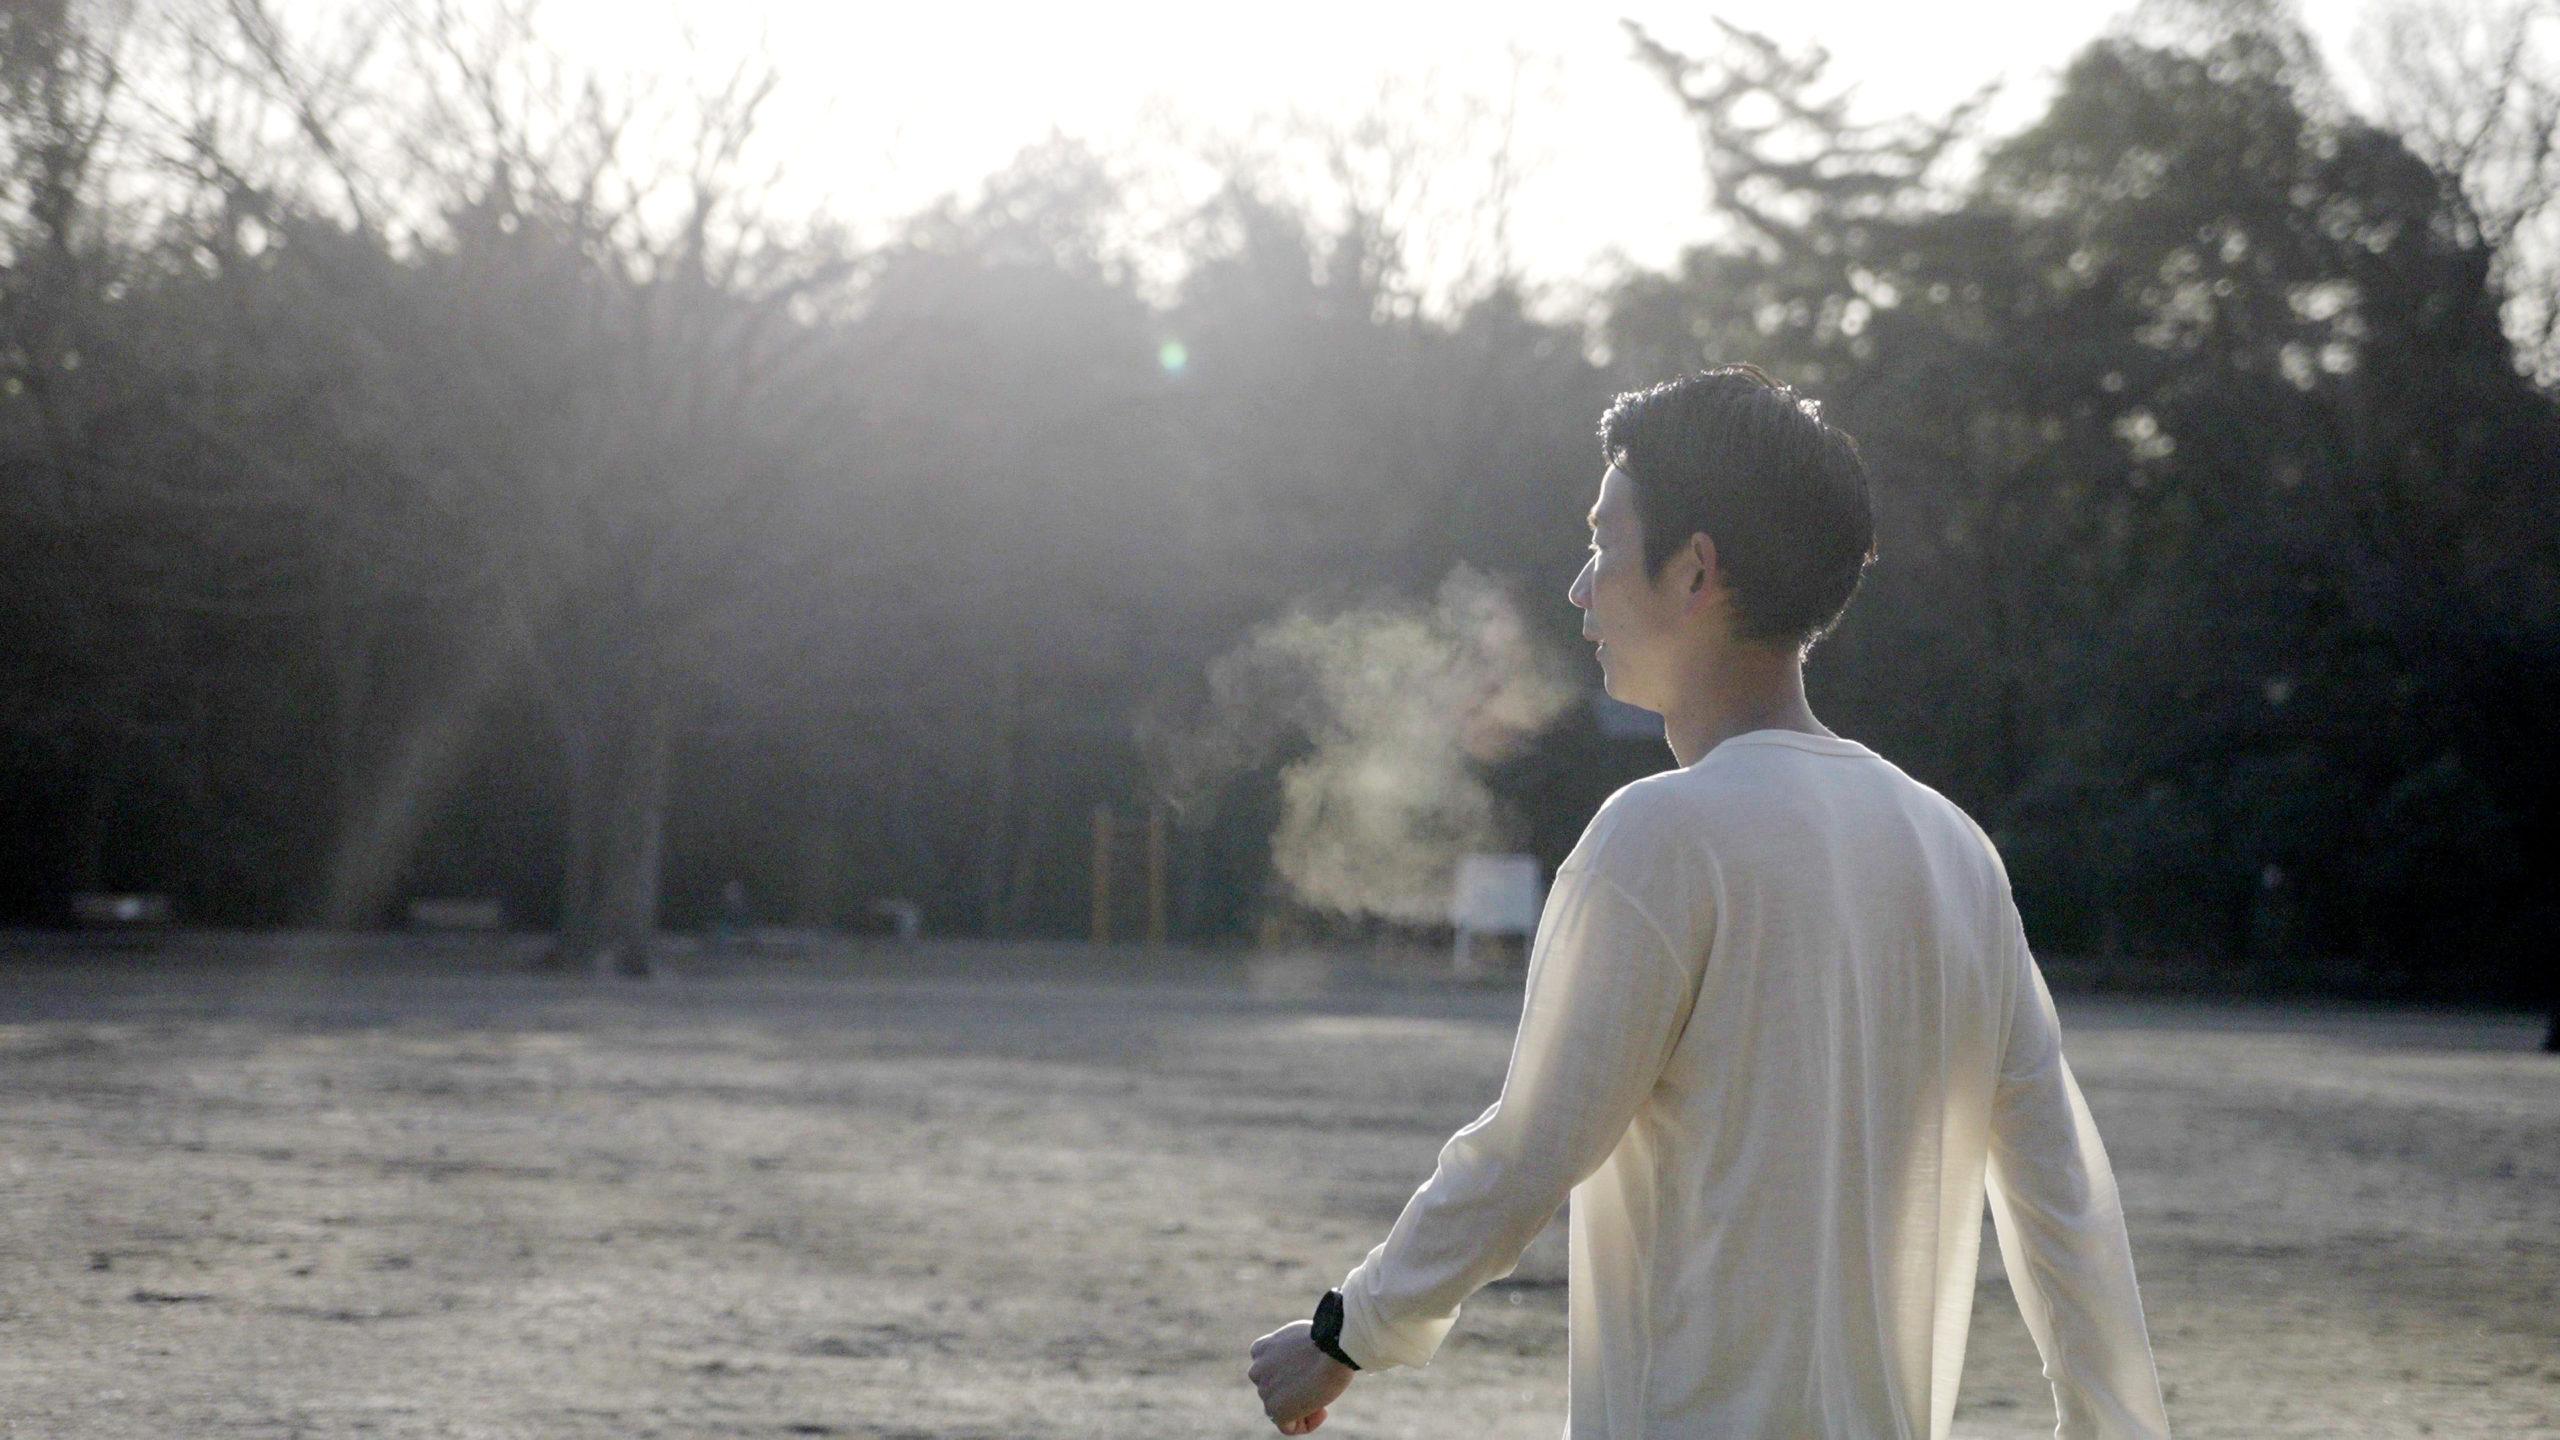 MORNING RUN WITH #001 TASUKU ARAI